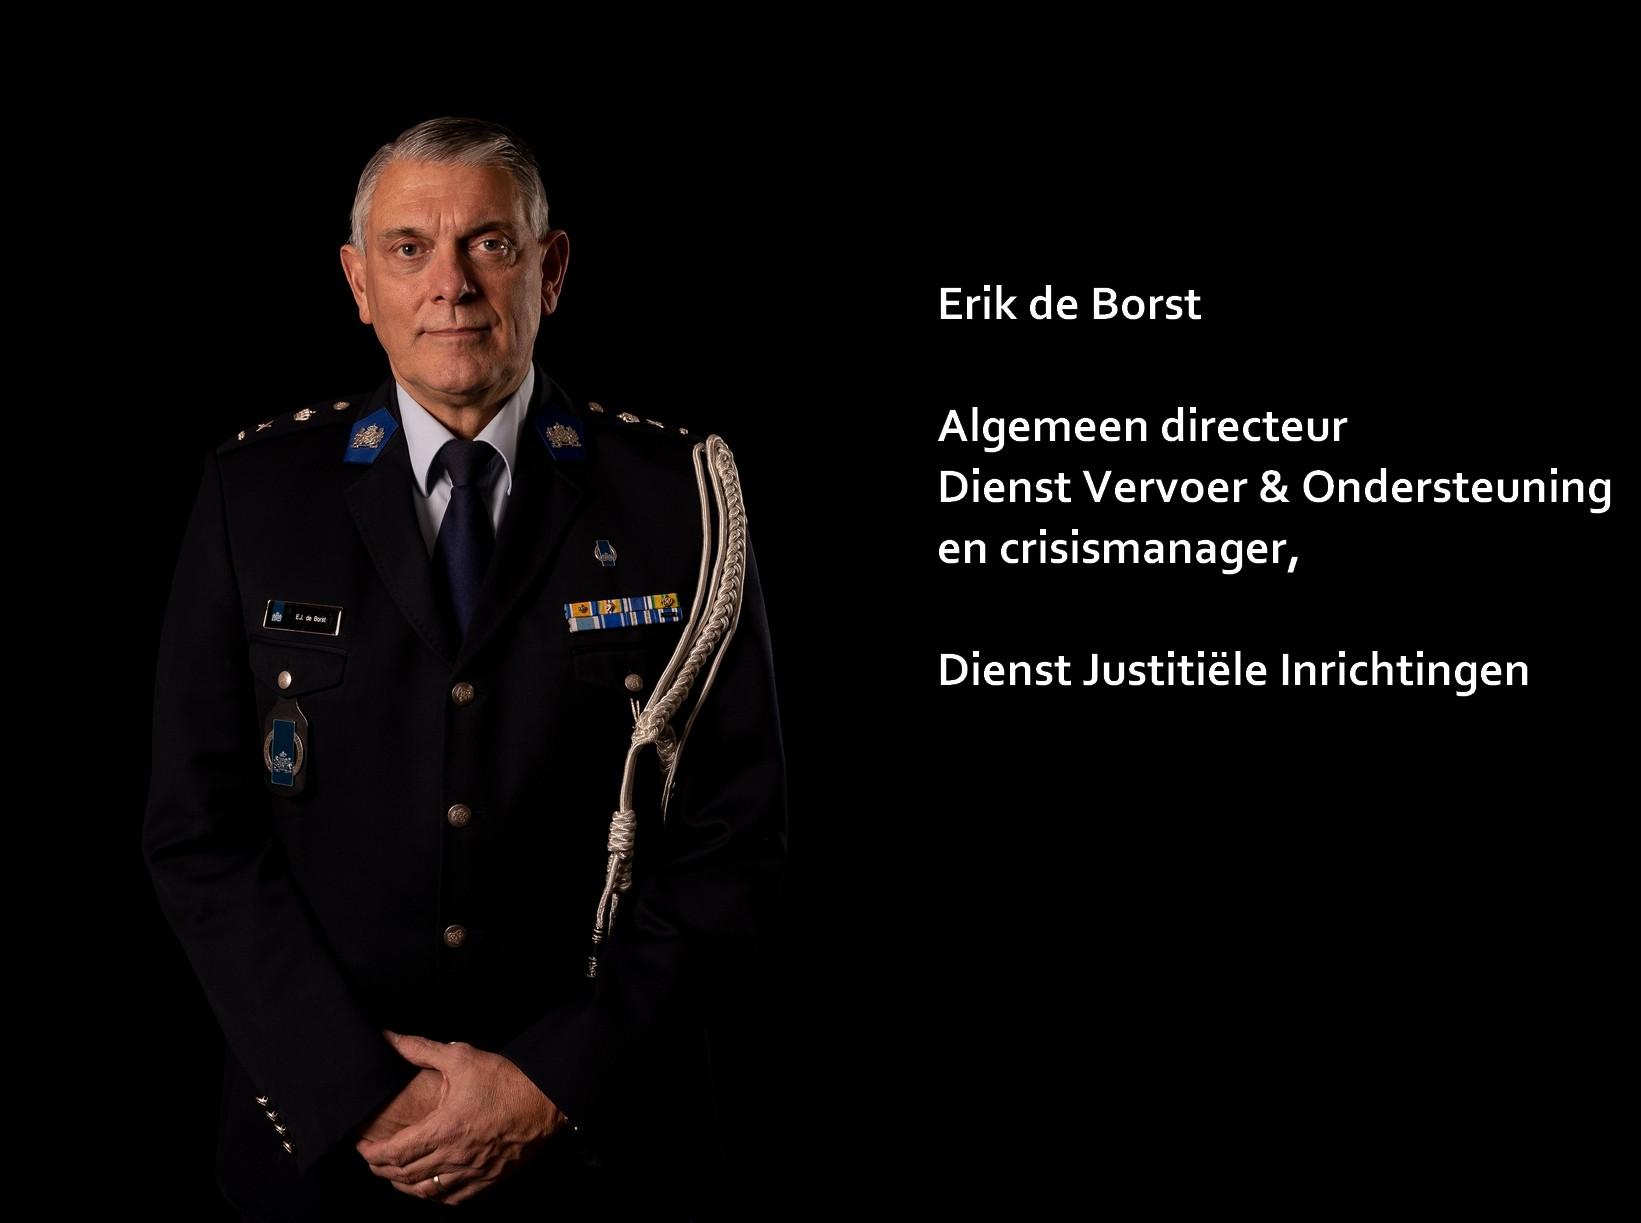 Erik de Borst - Dienst Justitiële Inrichtingen